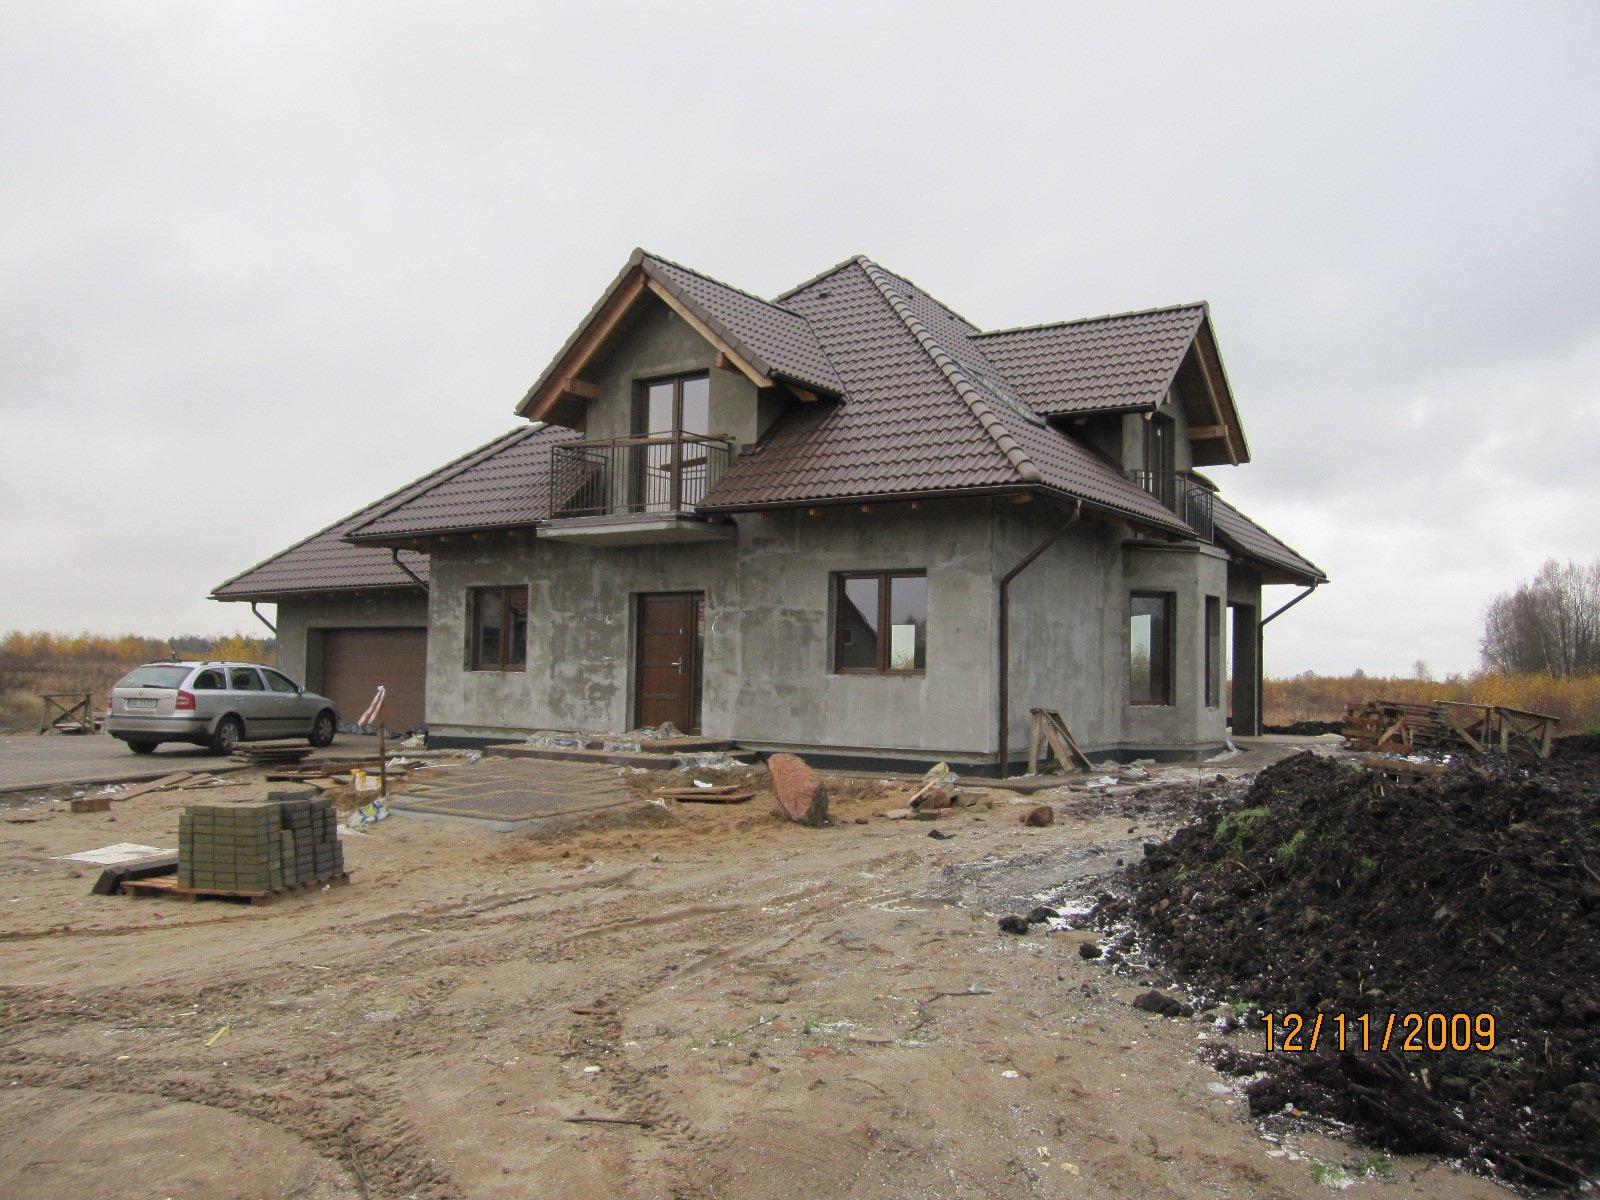 Tyberiusz - Krzysztof Kuprewicz 19.11.09